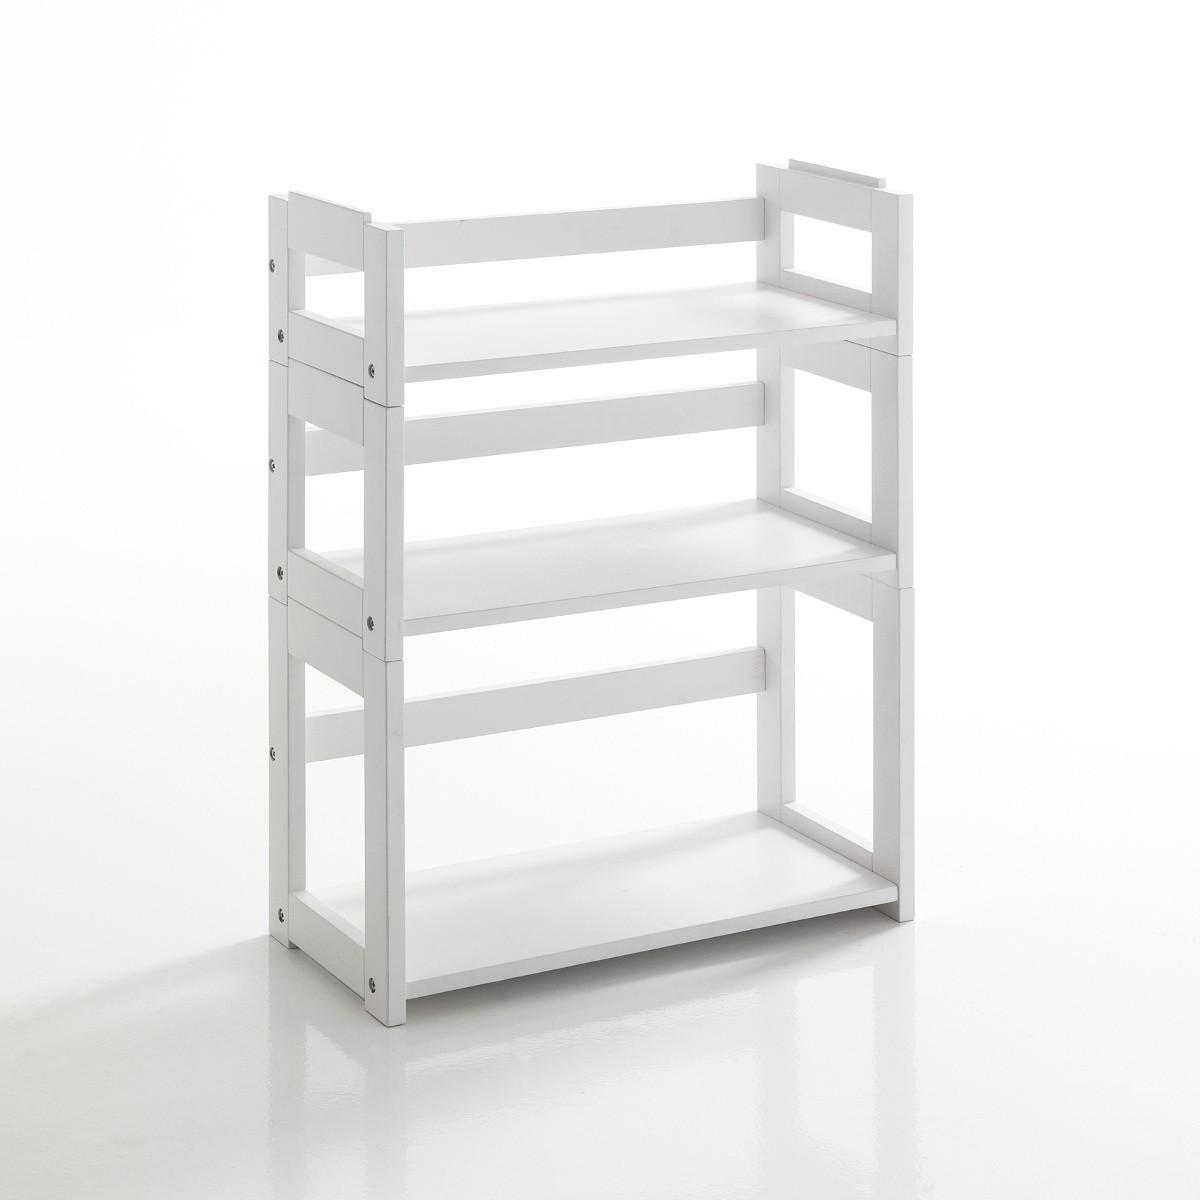 Libreria modulare sheva 3 ripiani in legno massello bianco for Librerie in legno componibili